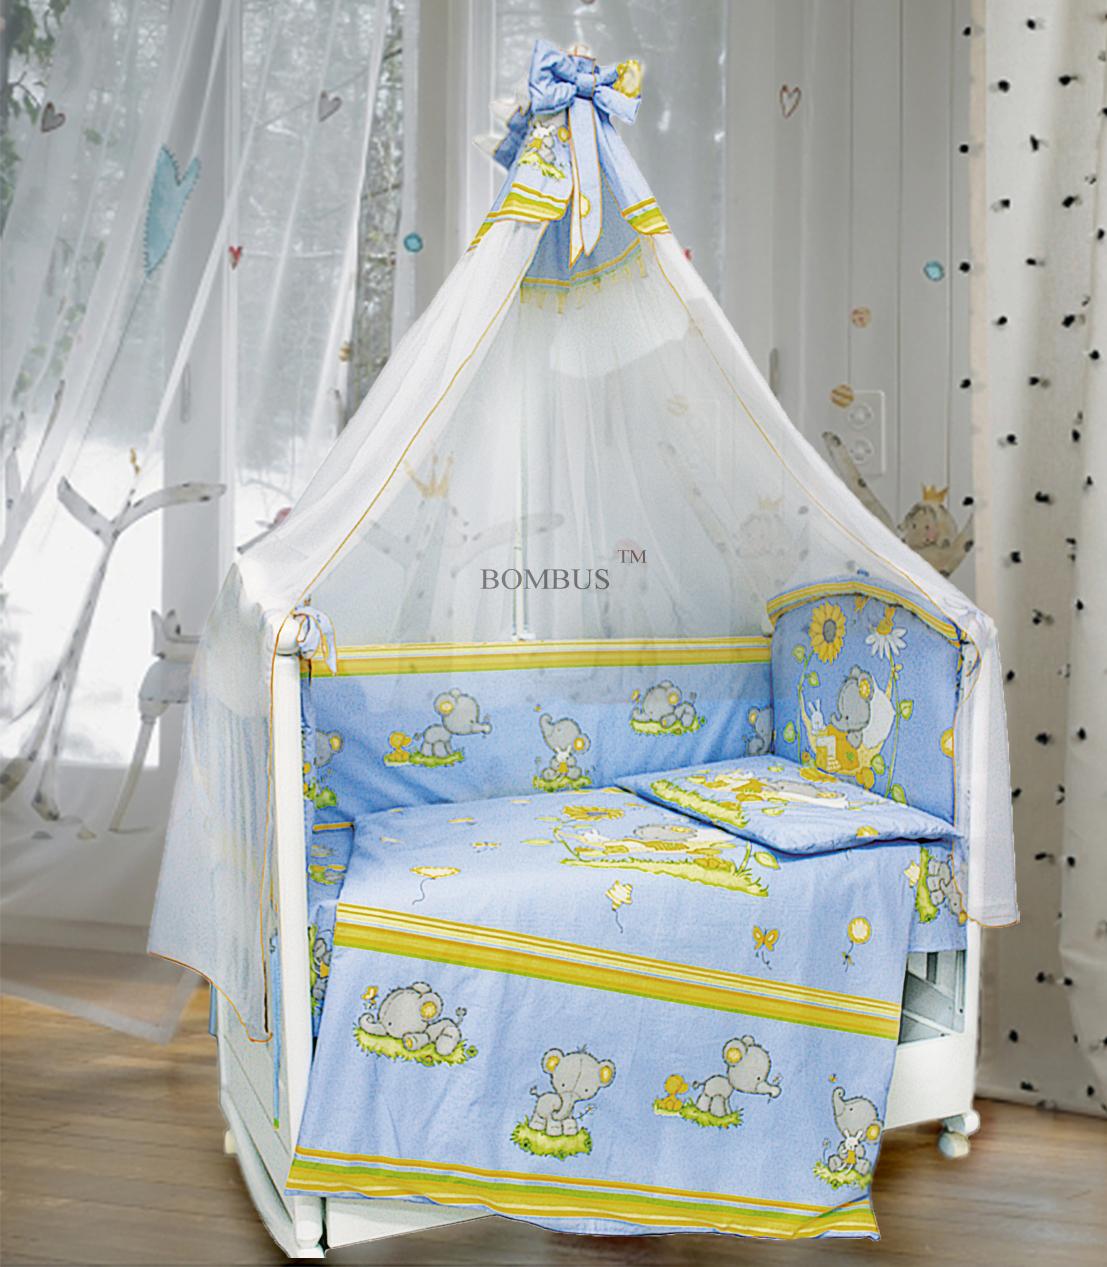 Комплект в кроватку - Слоники, 7 предметов, голубойДетское постельное белье<br>Комплект в кроватку - Слоники, 7 предметов, голубой<br>